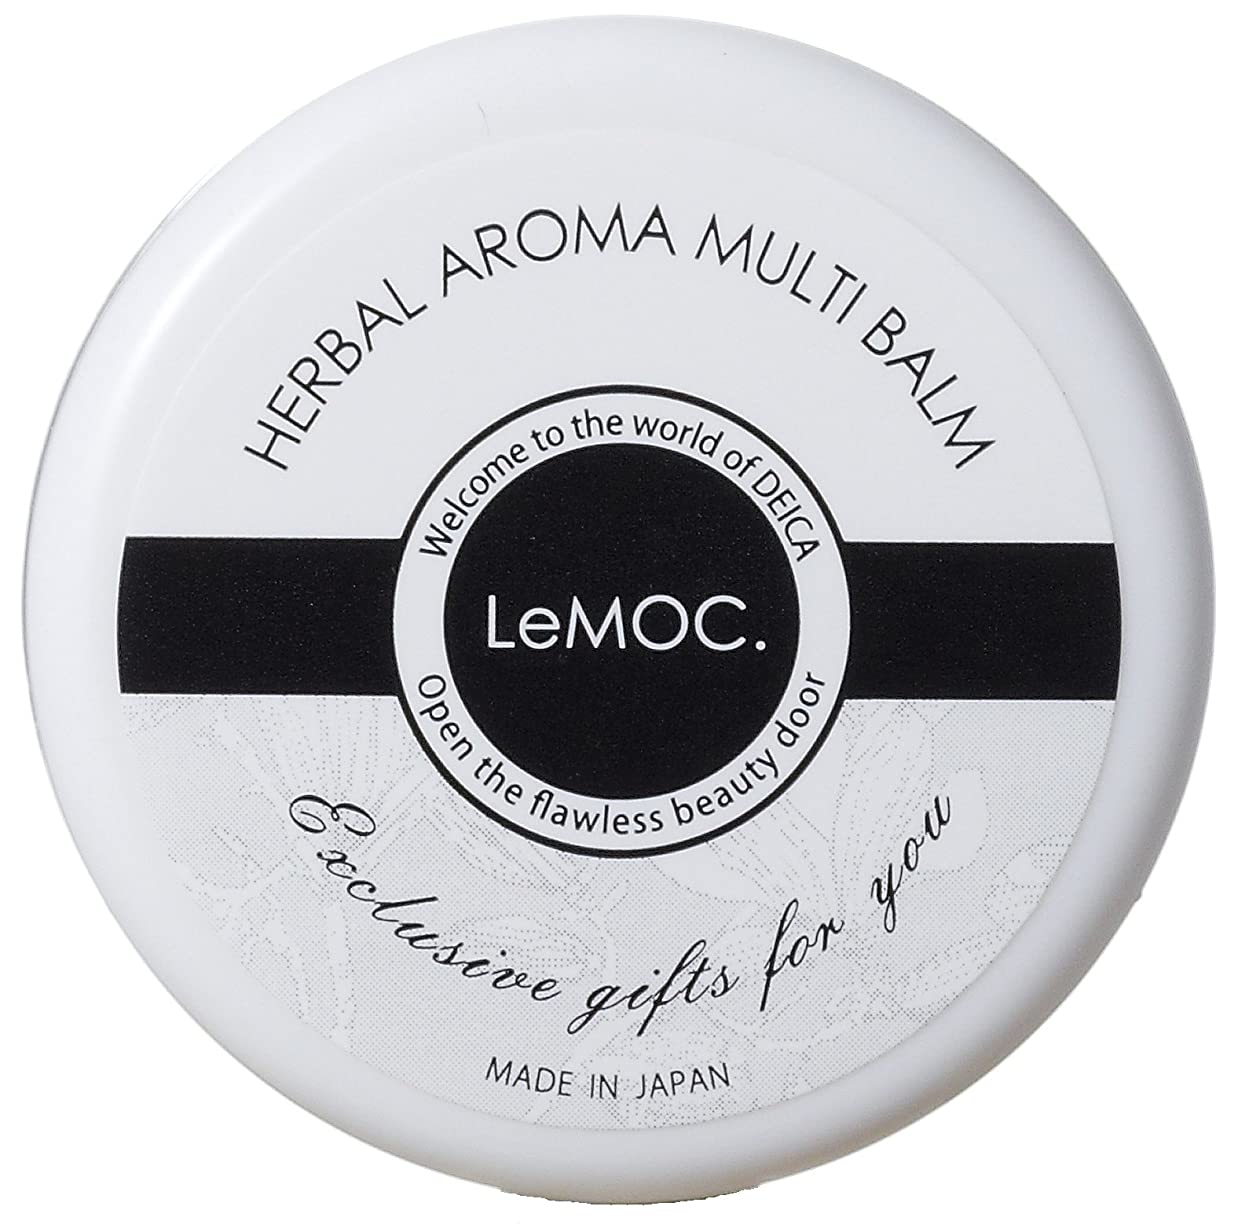 地域締め切りロッカールモック.(LeMOC.) ハーバルアロマ マルチバーム 15g(全身用保湿バーム)